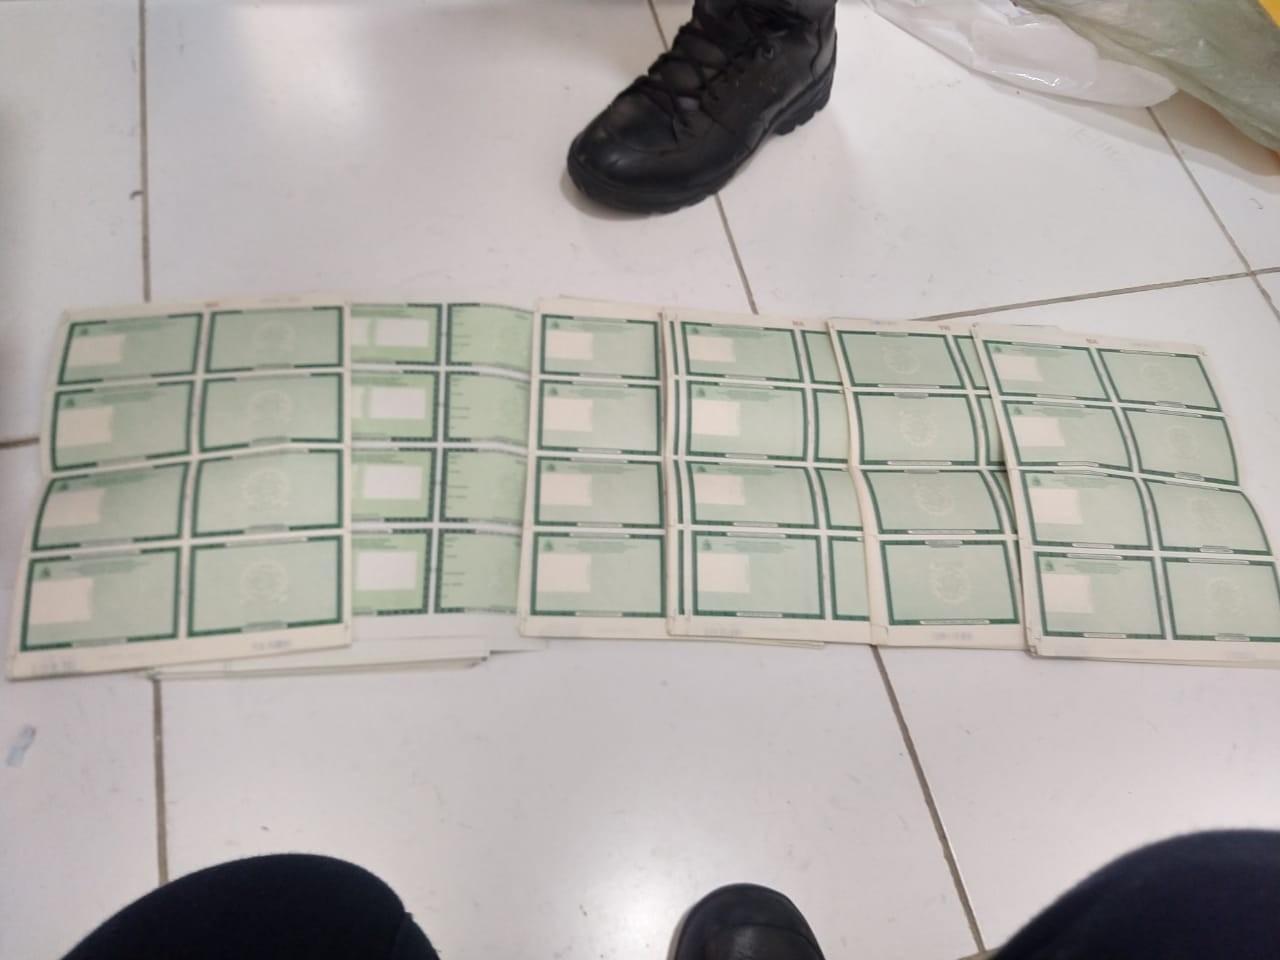 Justiça recebe denúncias contra organização criminosa que fraudou mais de R$ 26 milhões do INSS - Notícias - Plantão Diário